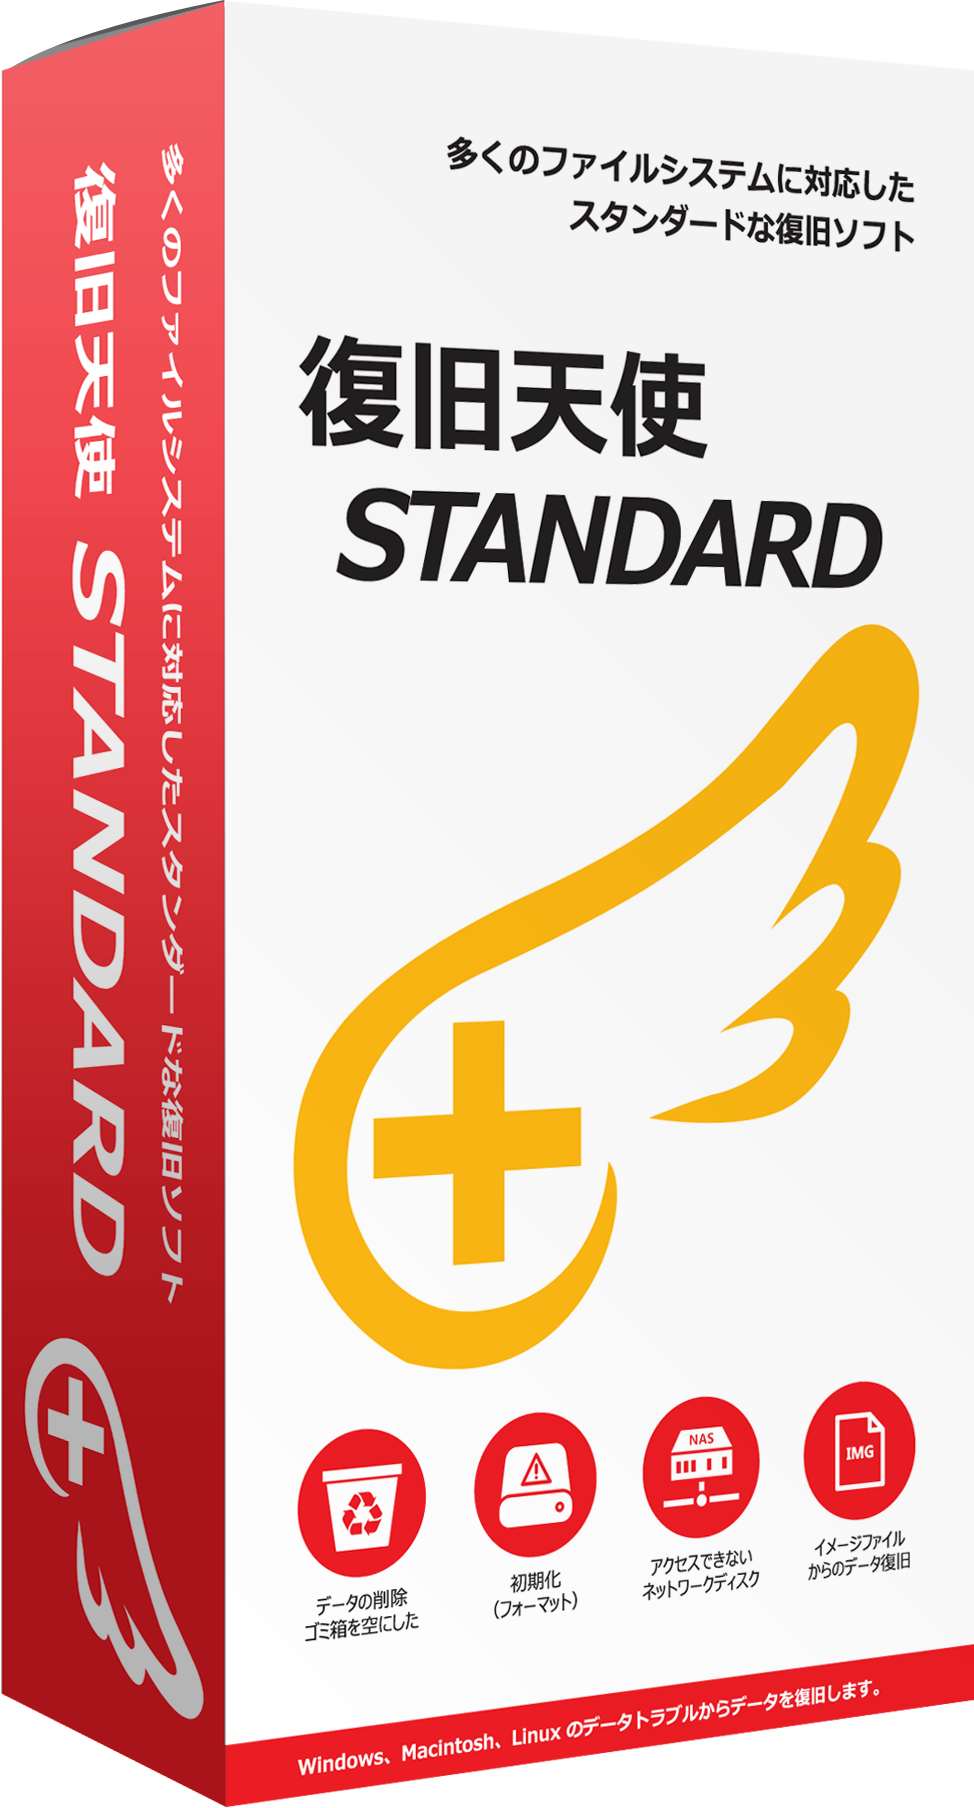 復旧ソフト デモ版、体験版のダウンロード 復旧天使 公式